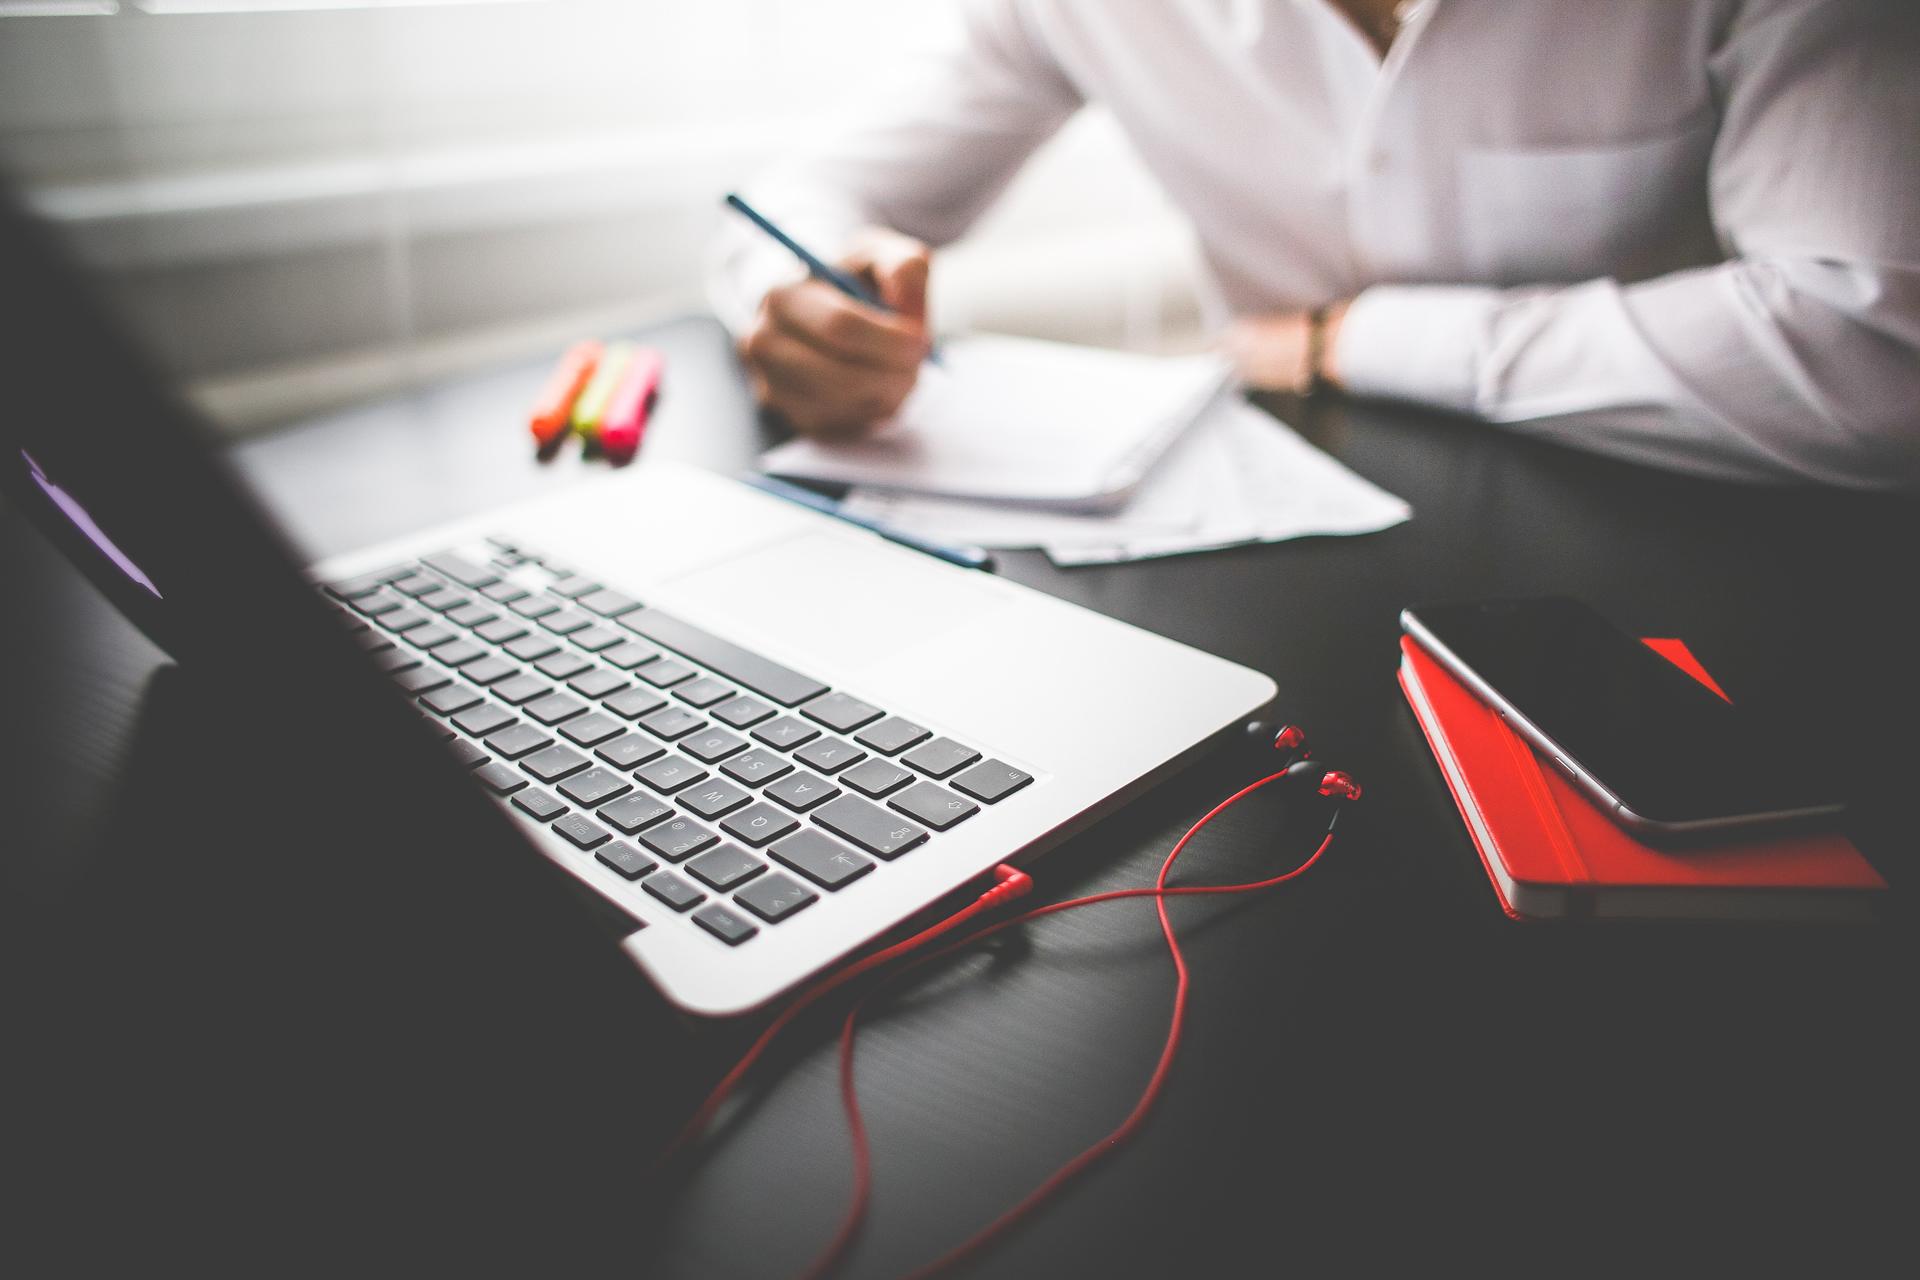 MFORMULA Blog - Desenvolvimento e criação de loja virtual, comércio eletrônico, e-commerce, web marketing, e-business, web site, banners, anúncios, site no celular, hospedagem de sites, registro de domínio e muito mais.